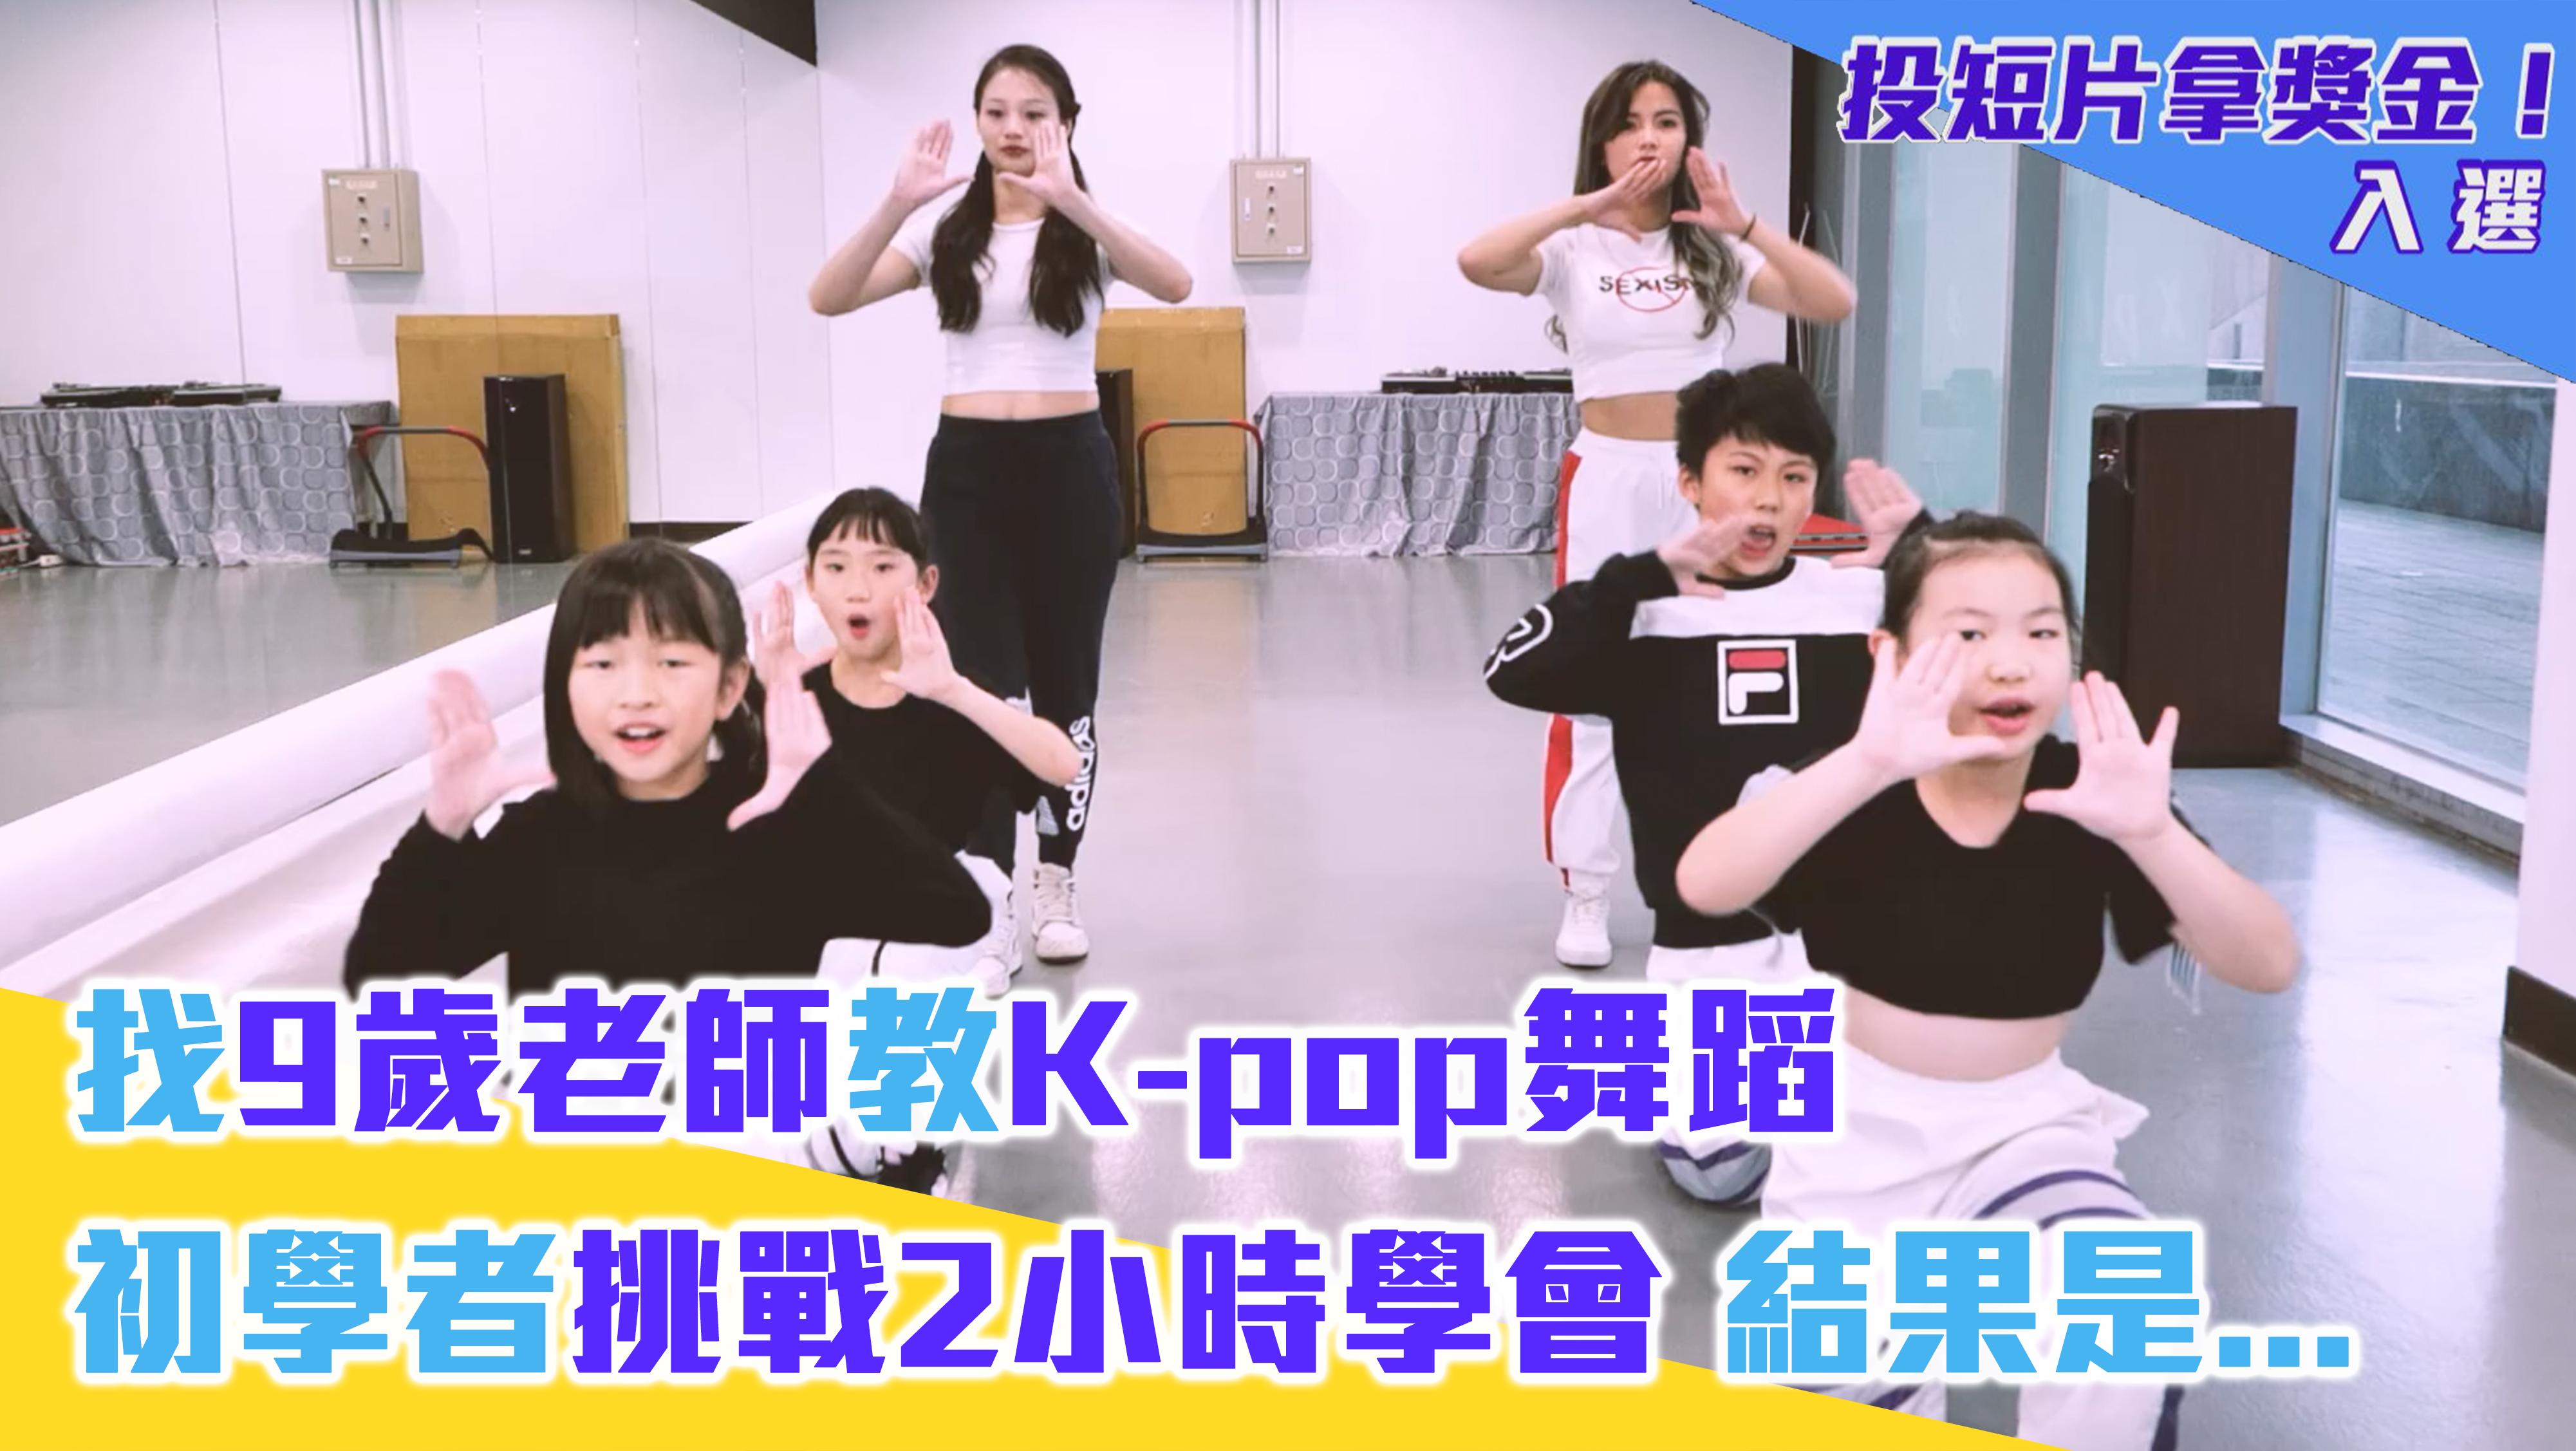 找9歲老師教K pop舞蹈 初學者挑戰2小時學會 結果是...